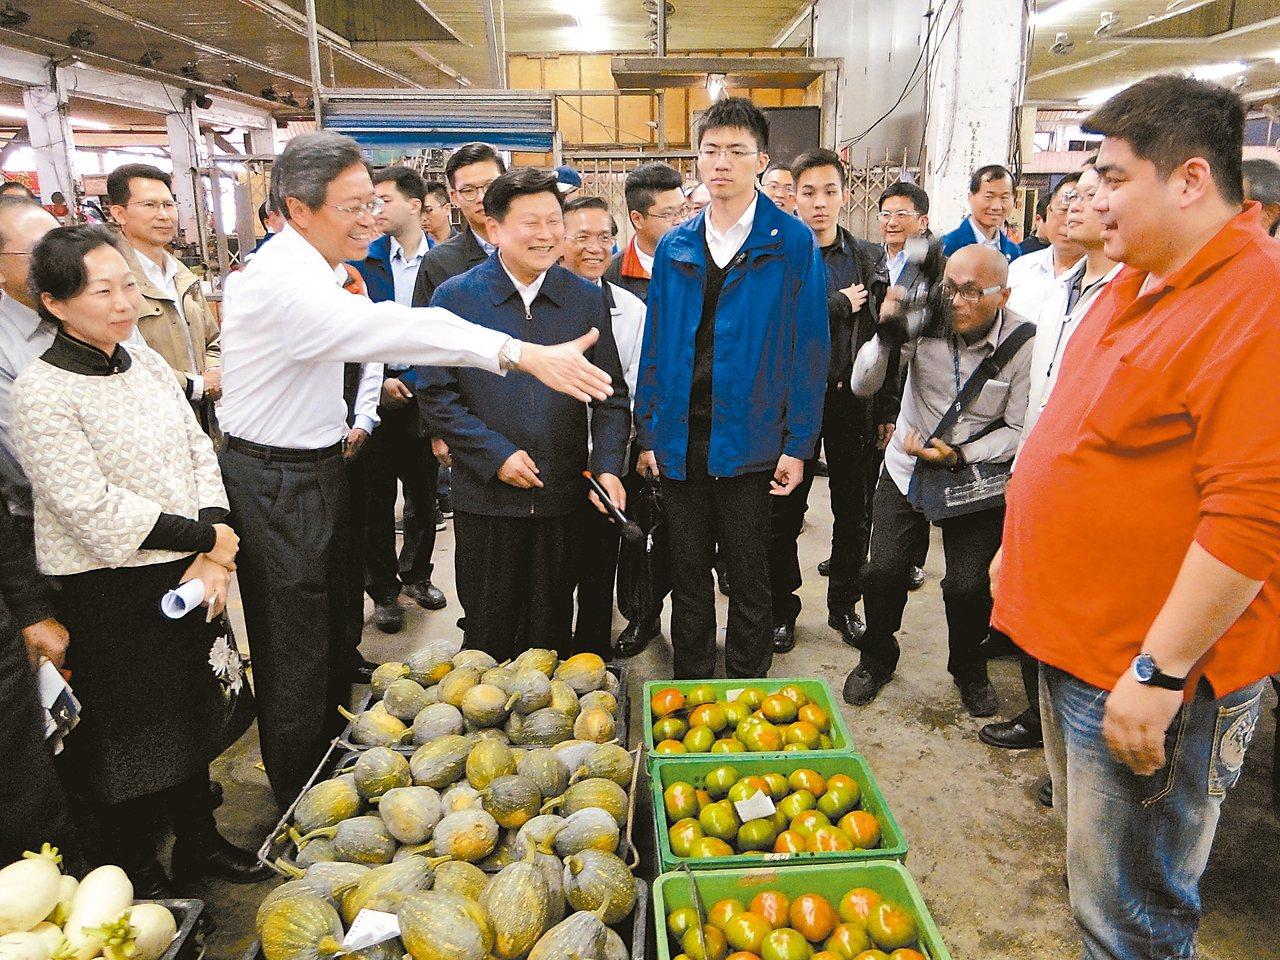 花果菜市場改建 將保留口語拍賣